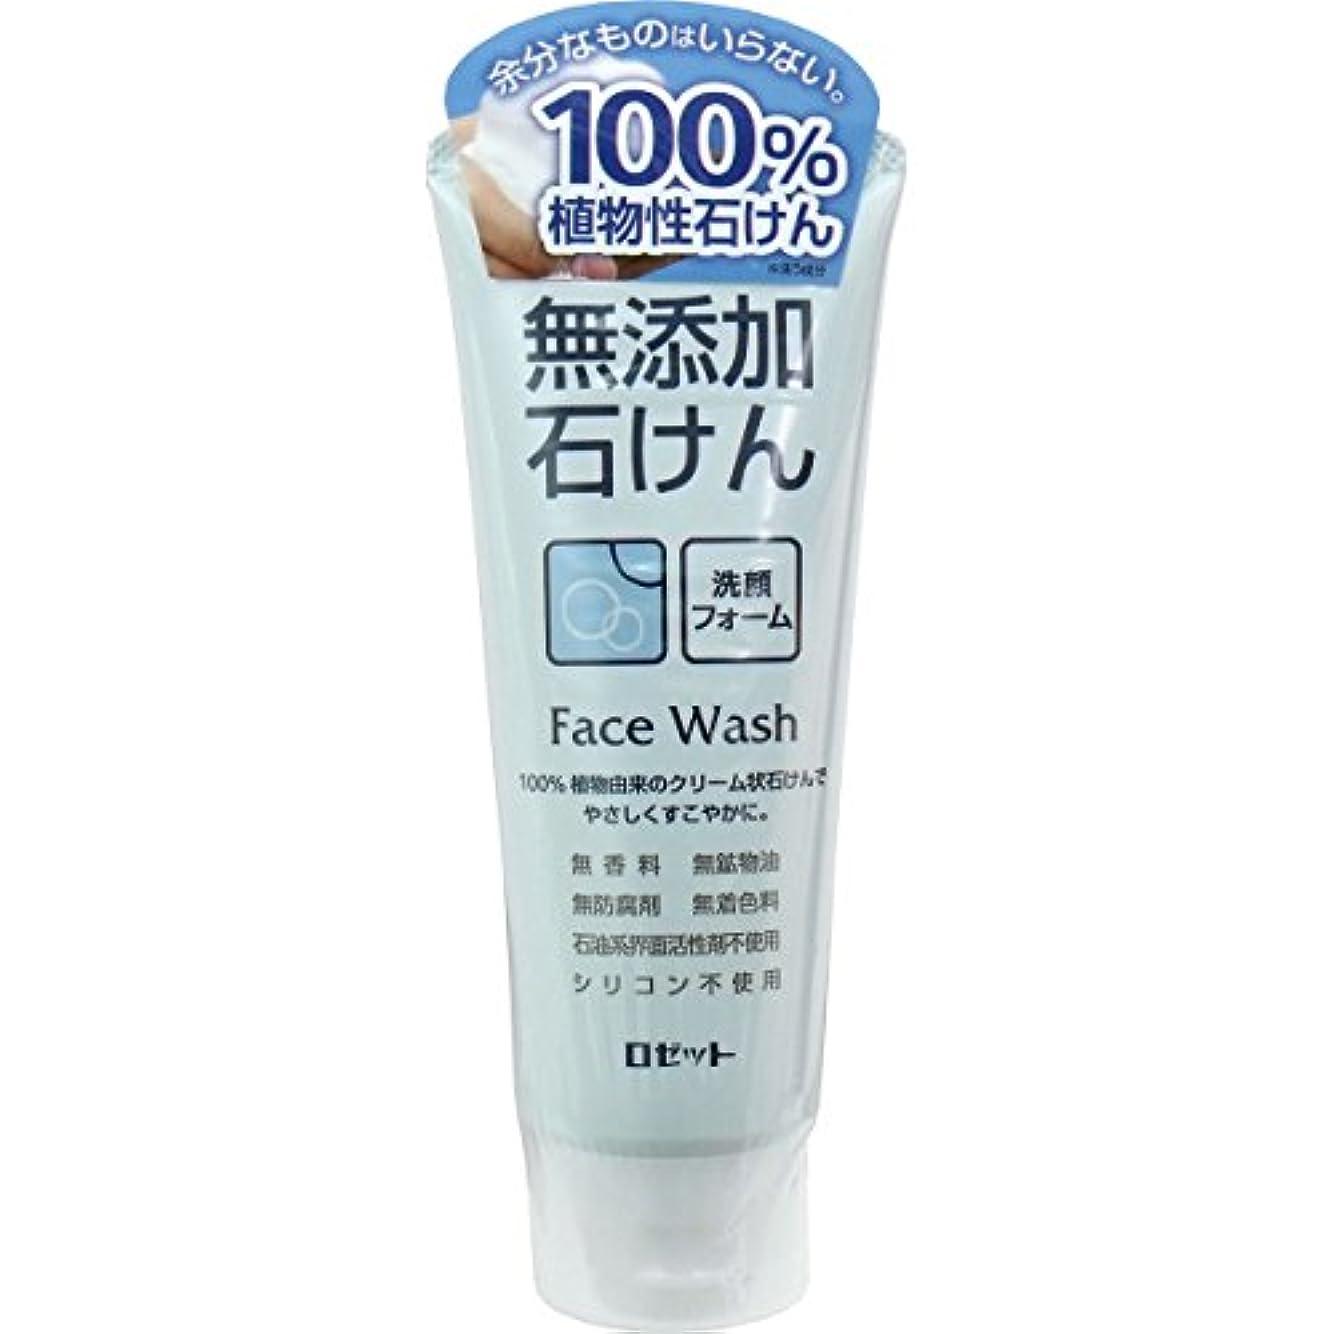 巨大なお肉ビルマ【ロゼット】無添加石けん 洗顔フォーム 140g ×20個セット